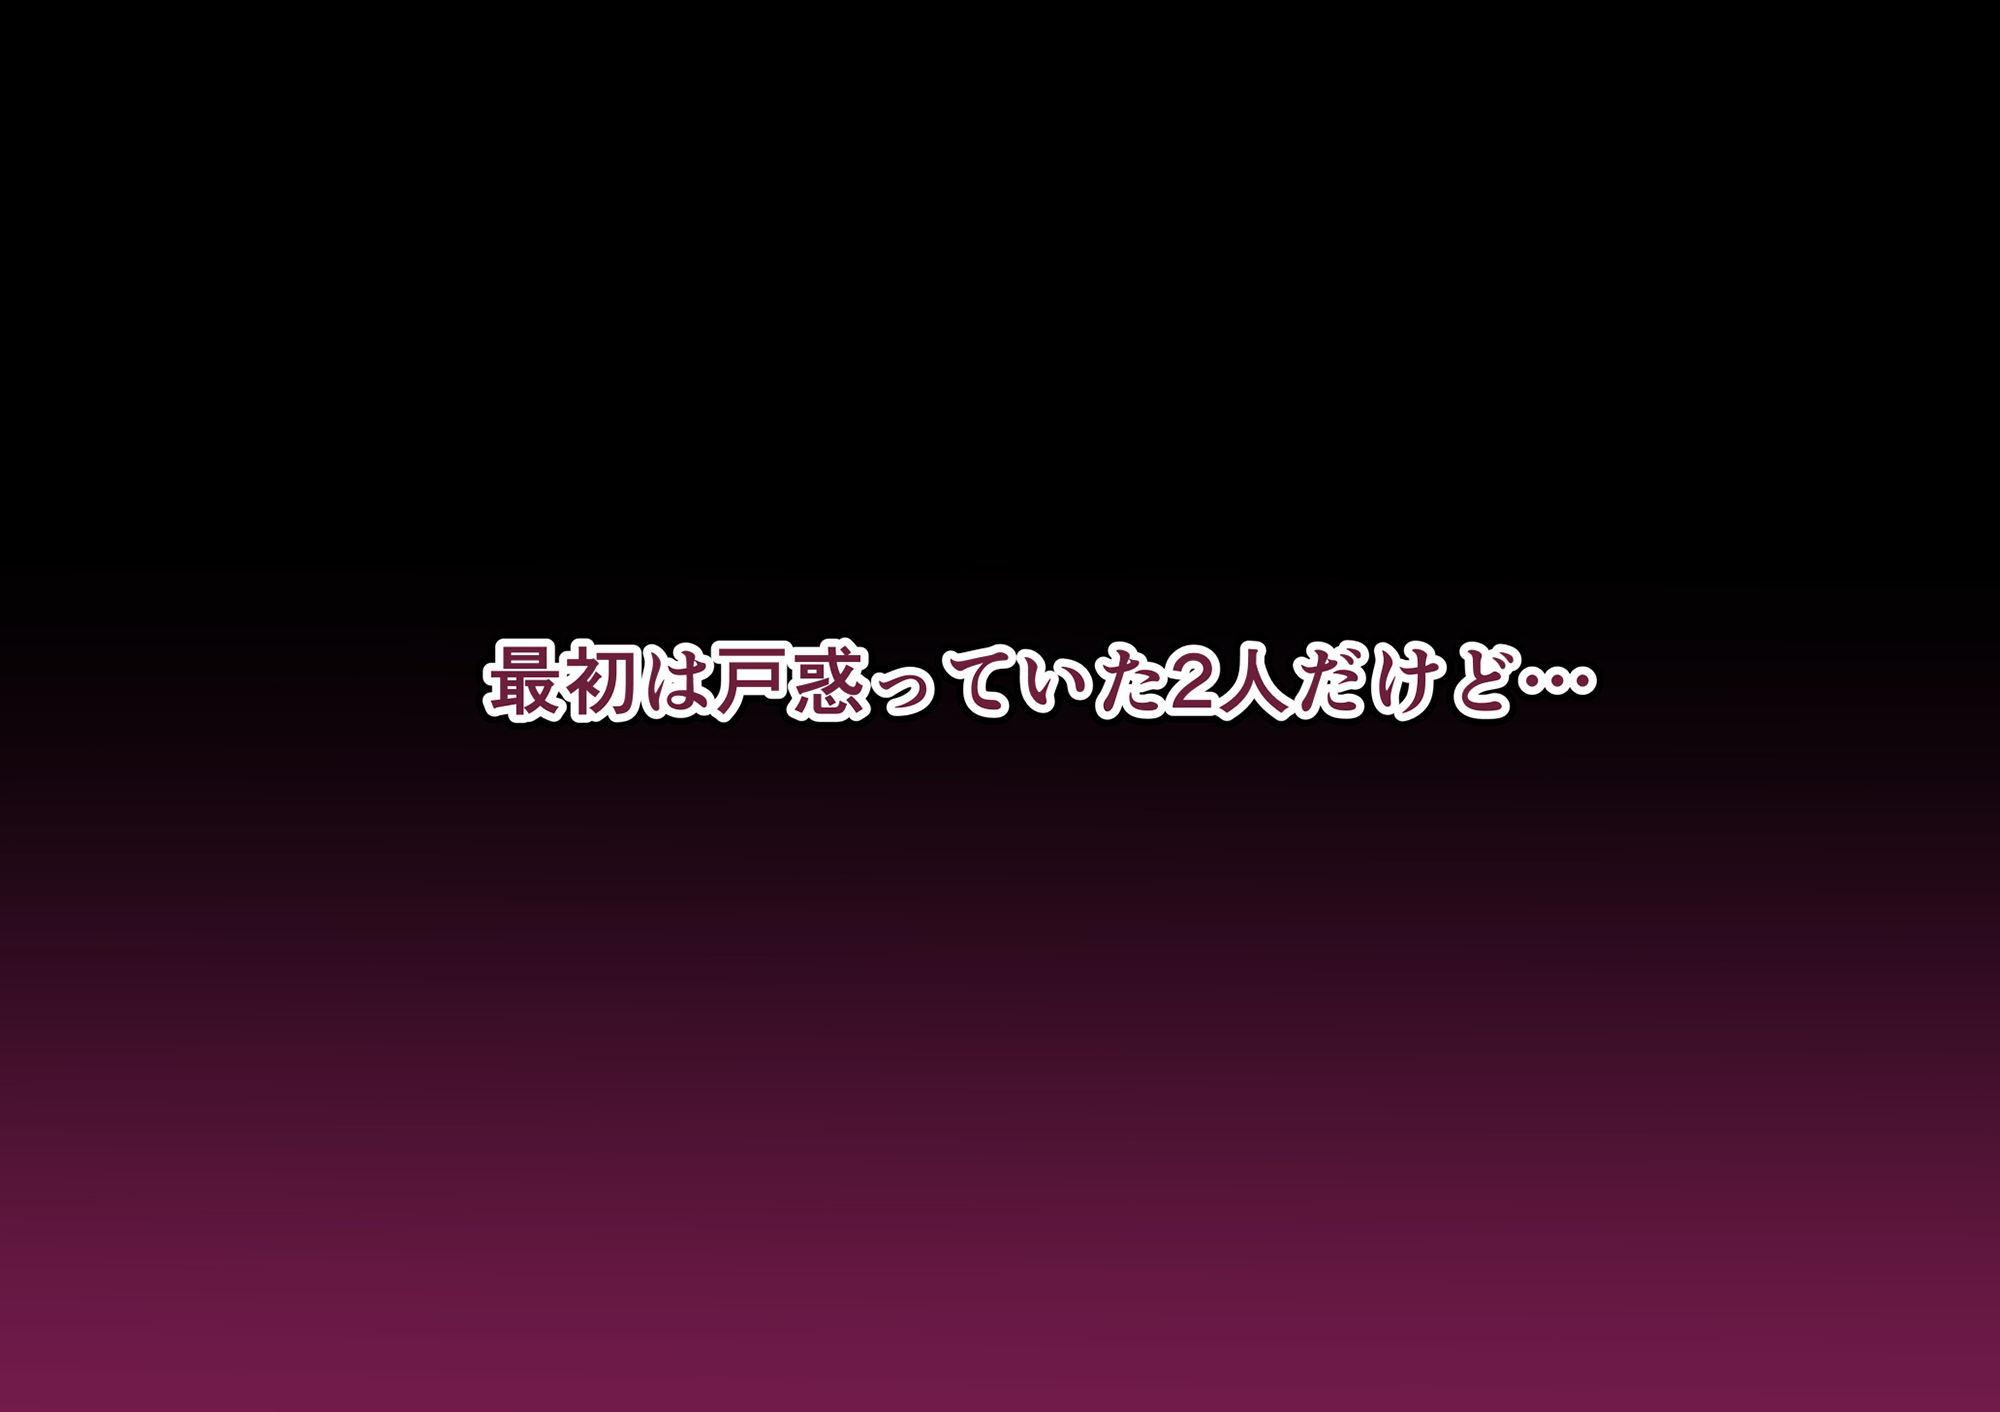 秘密4〜父娘の秘密・母娘堕ち親子丼3P〜